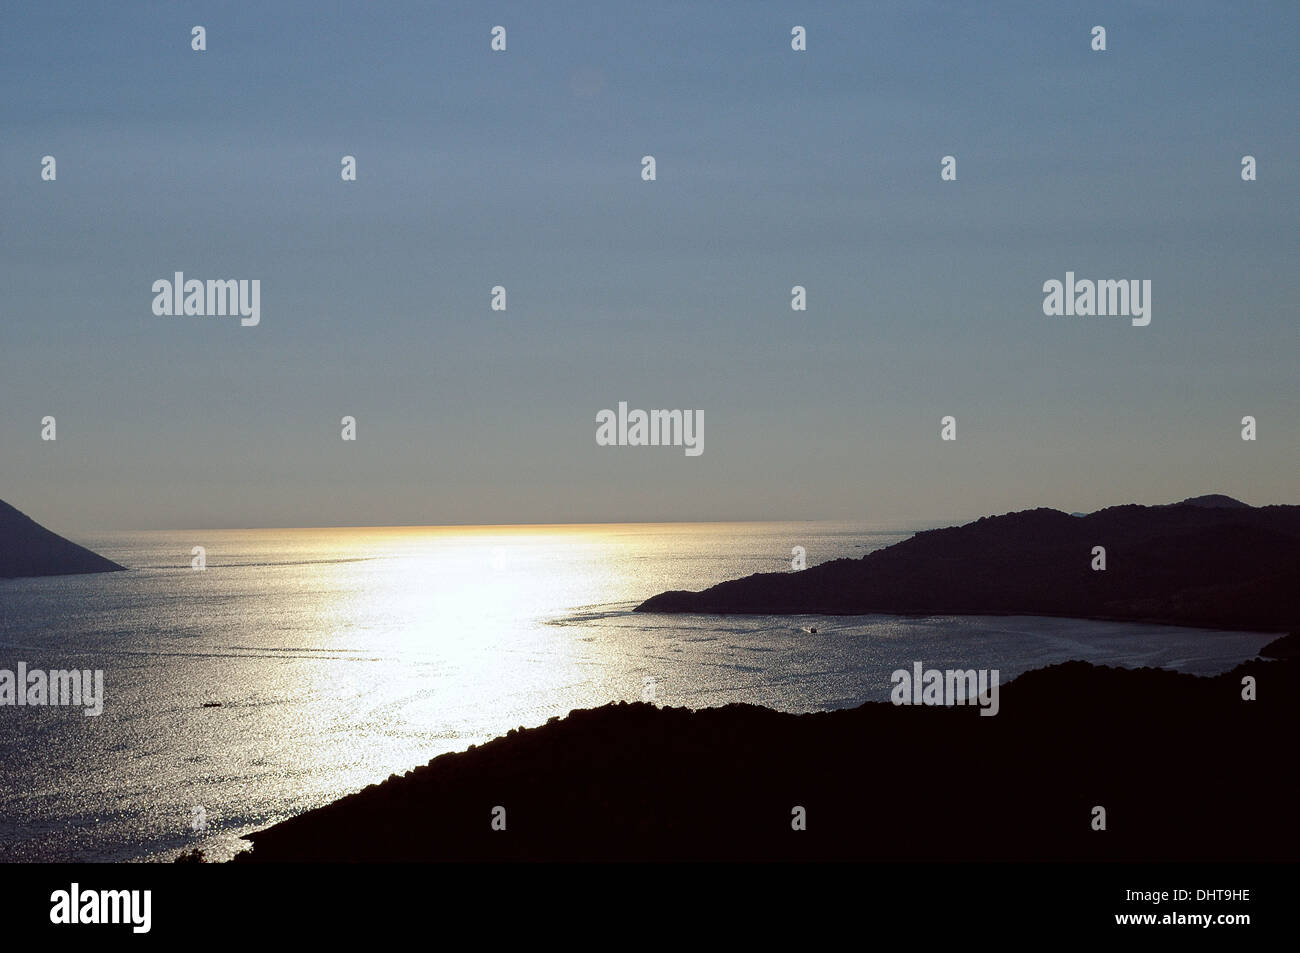 Soirée sur la mer Egée Photo Stock